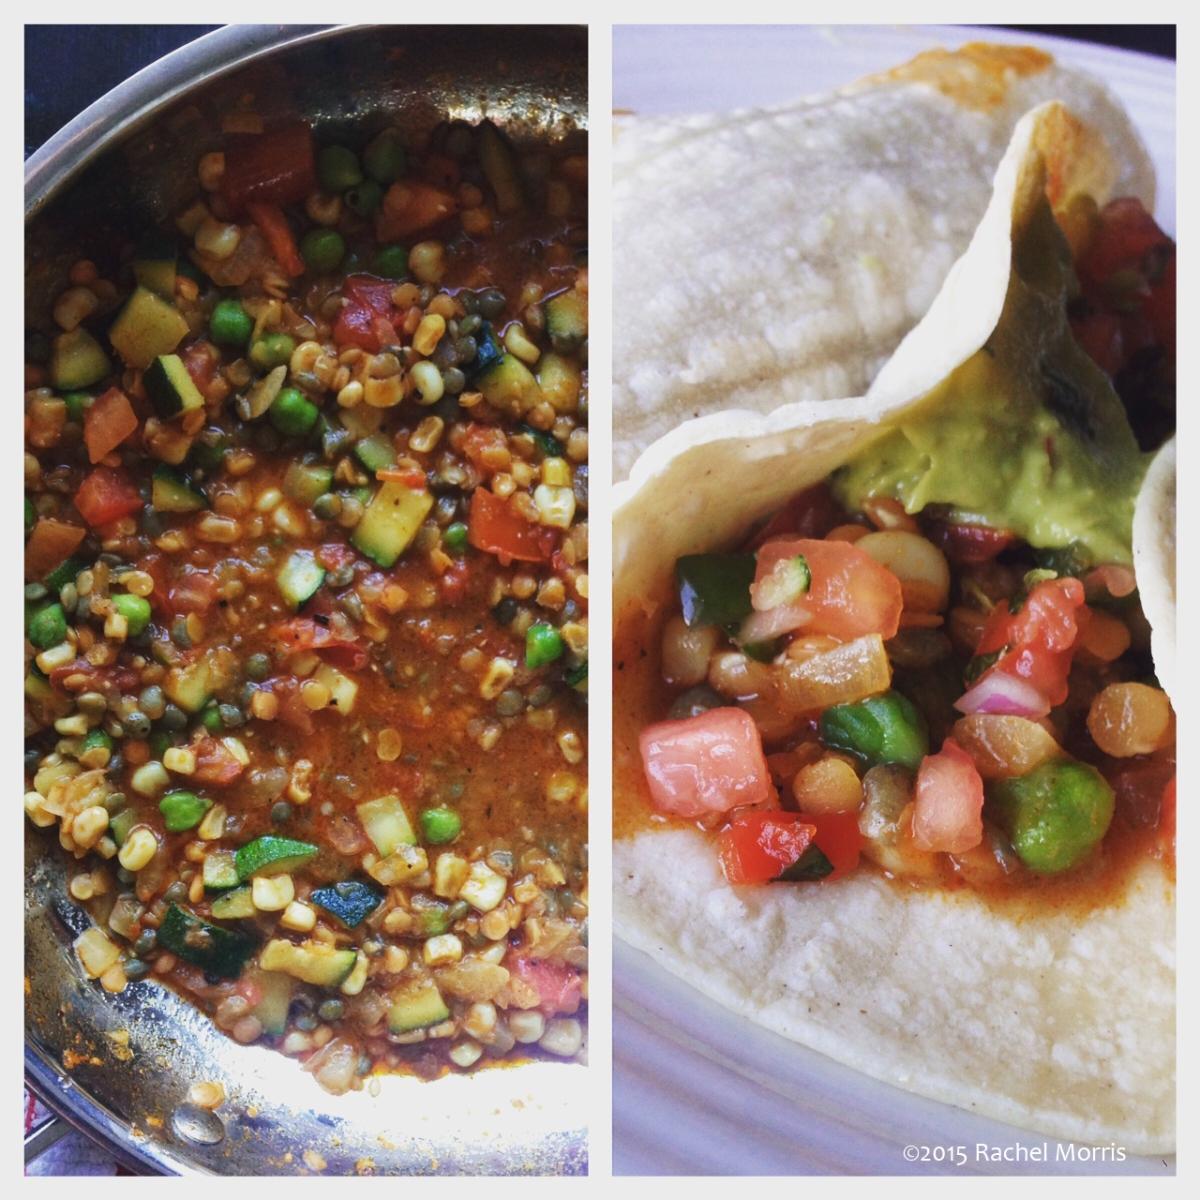 Summer Vegetable & Lentil TacoFilling